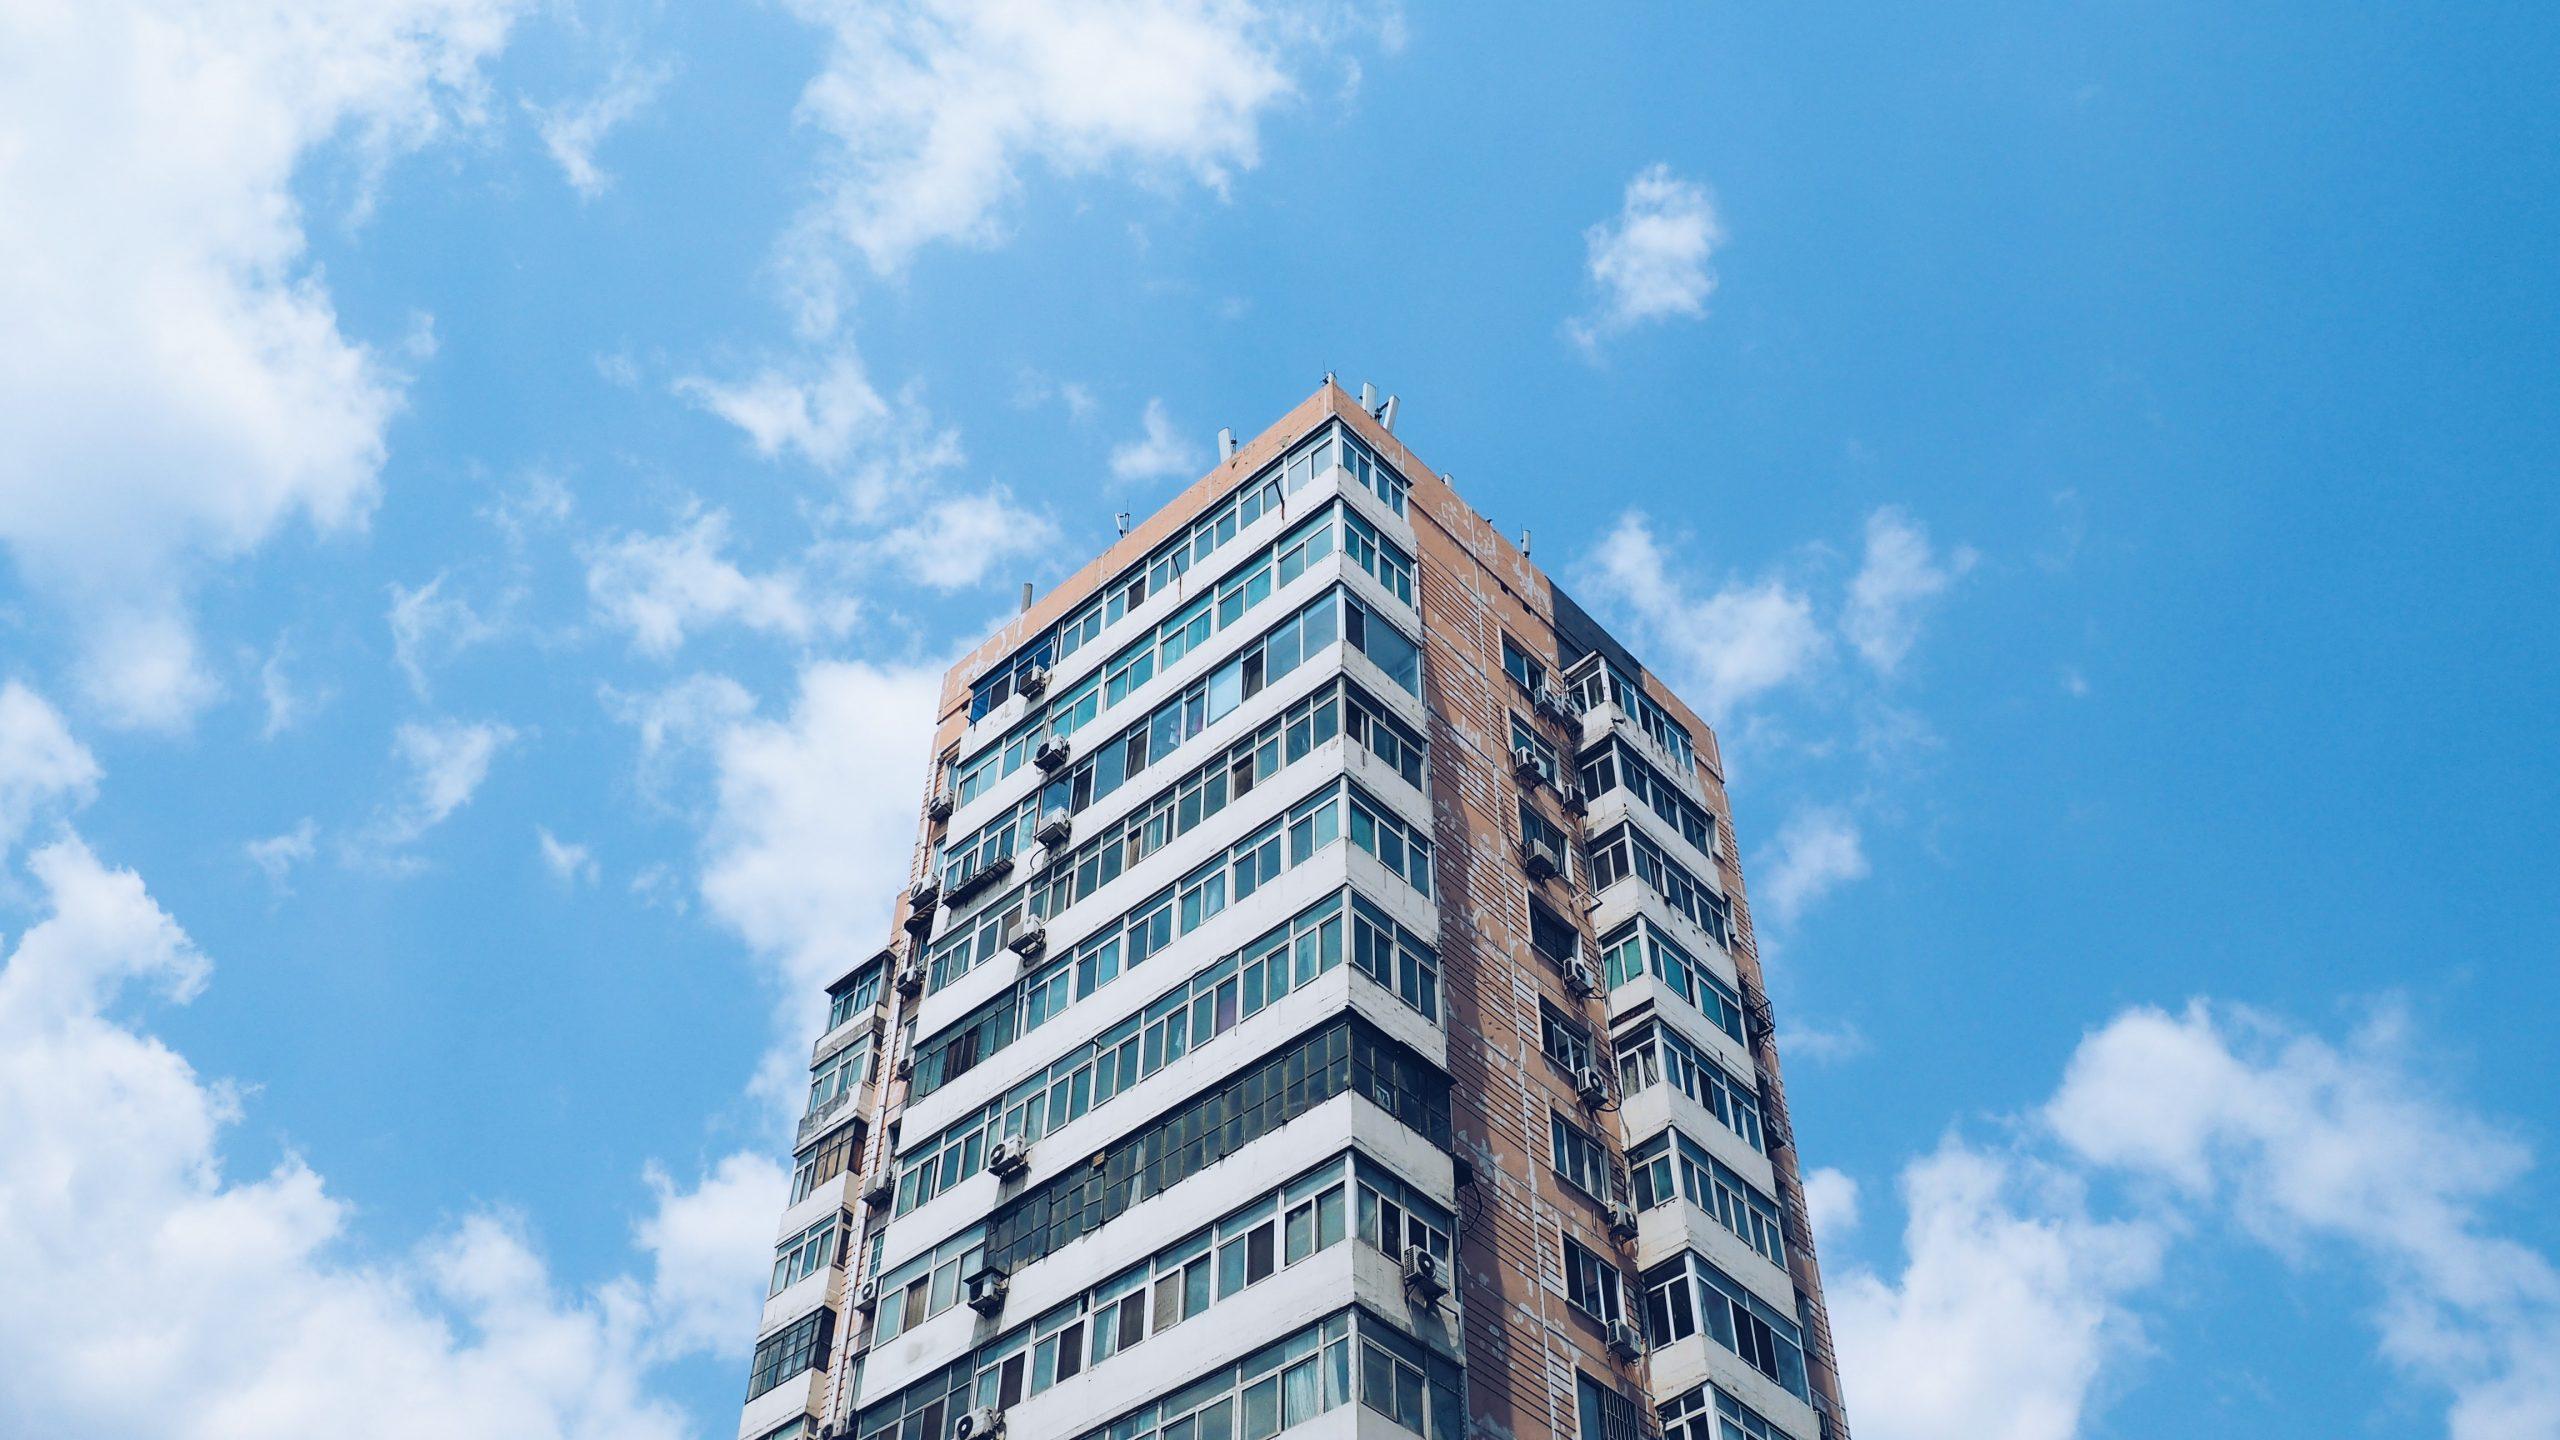 借り上げ社宅の節税【法人向けの節税、社宅控除の減らし方・計算方法】